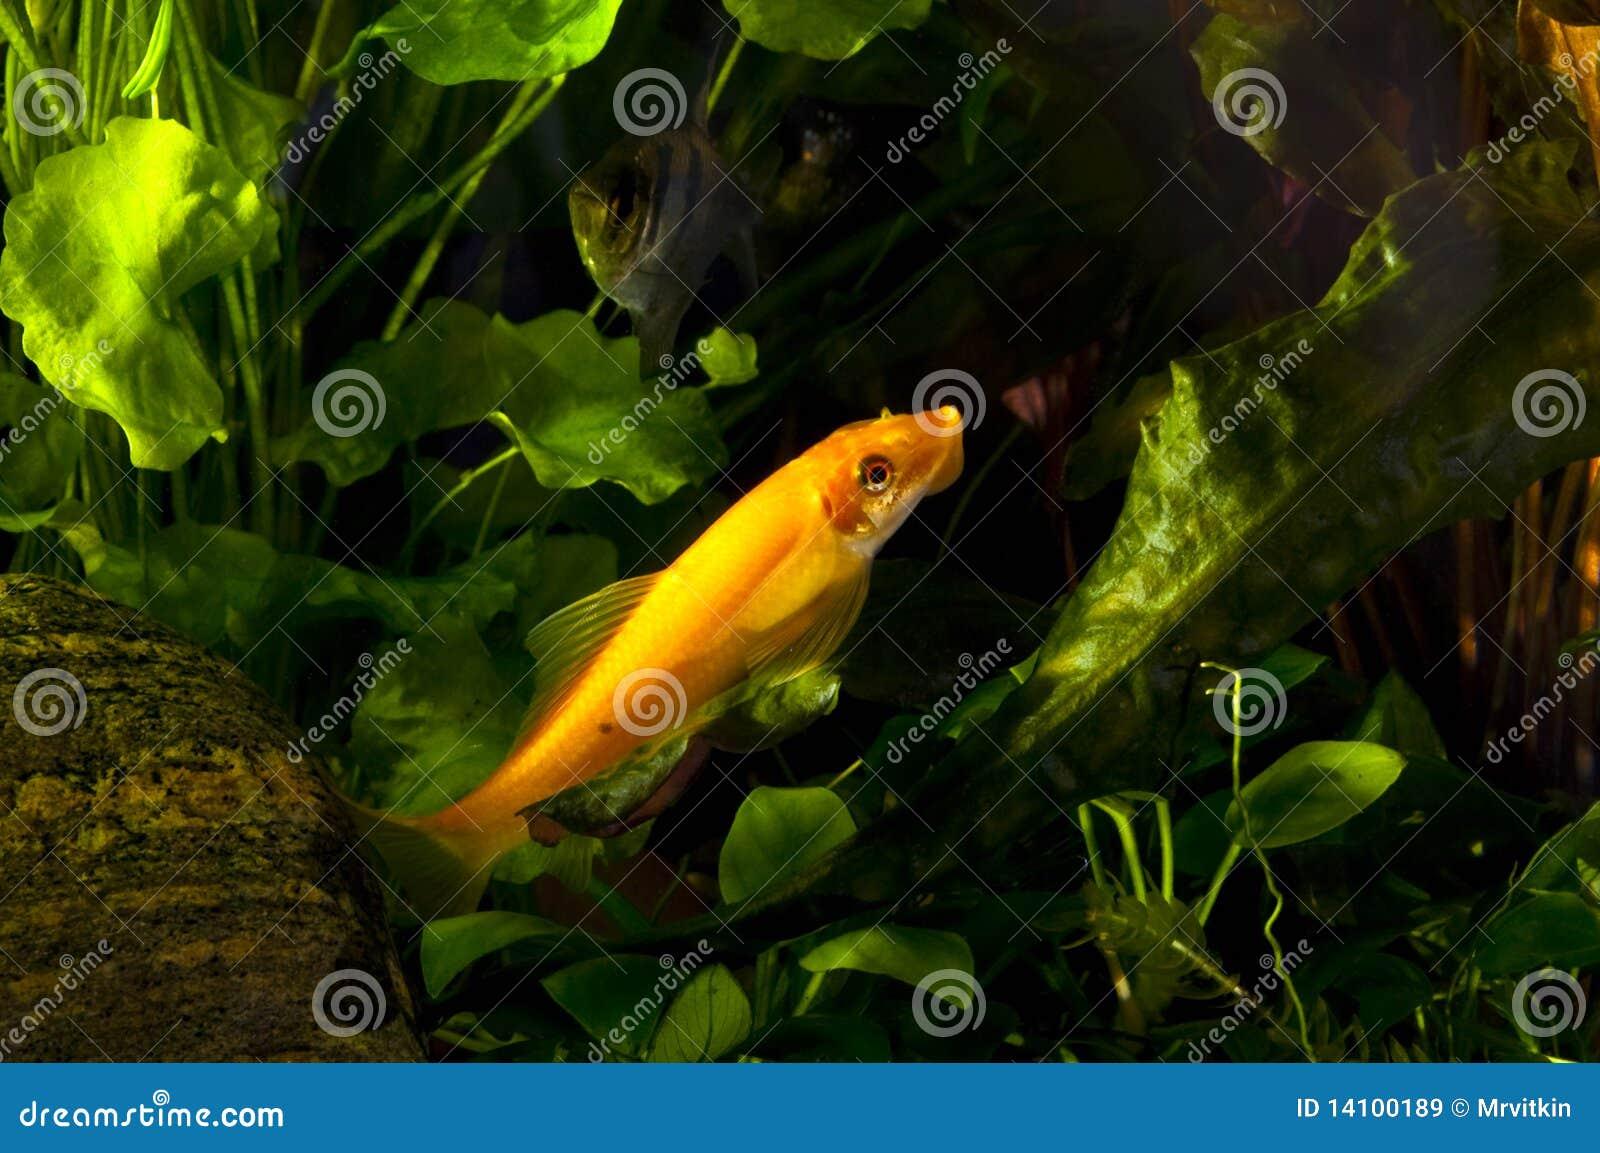 Flying fox fresh water aquarium fish royalty free stock for Flying fox fish